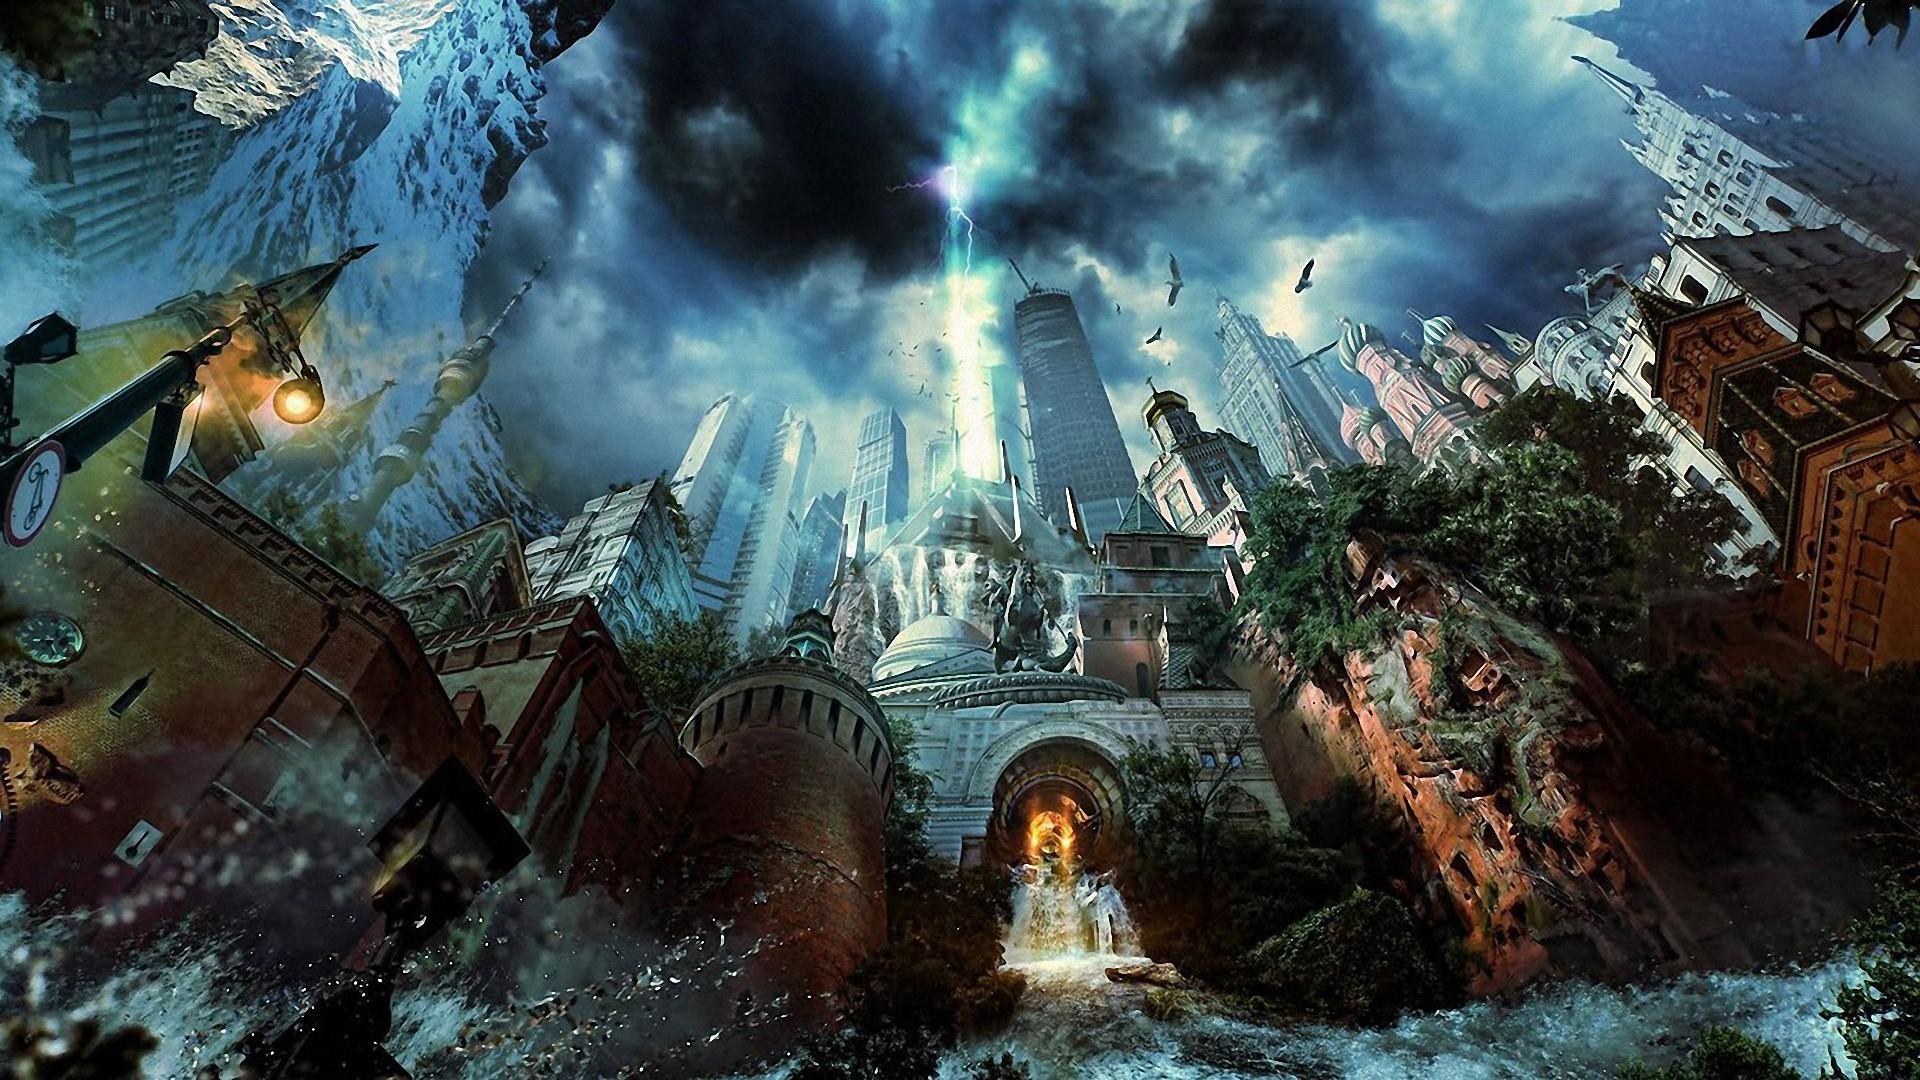 fantasy   fantasy hebus high definition desktop wallpaper download fantasy  hebus .